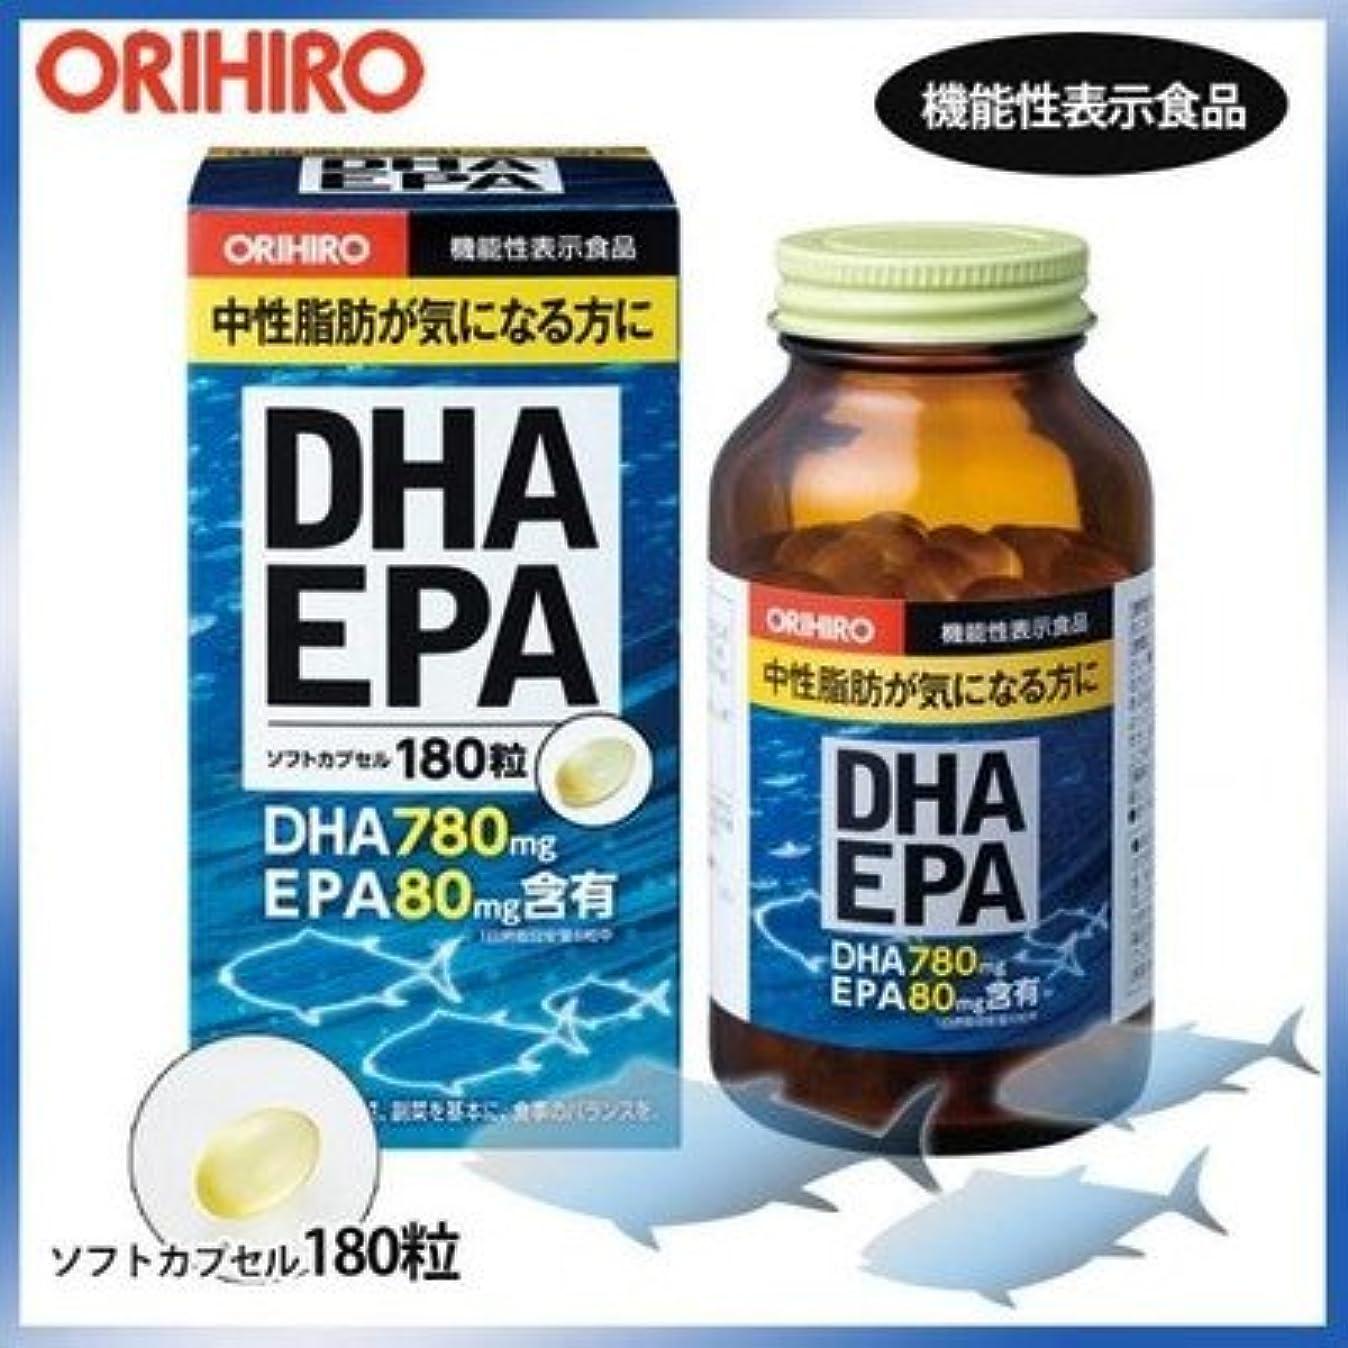 キャンベラ寛大な事実オリヒロ 機能性表示食品 DHA&EPA ソフトカプセル 180粒(1粒511mg/内容液357mg) 60208210